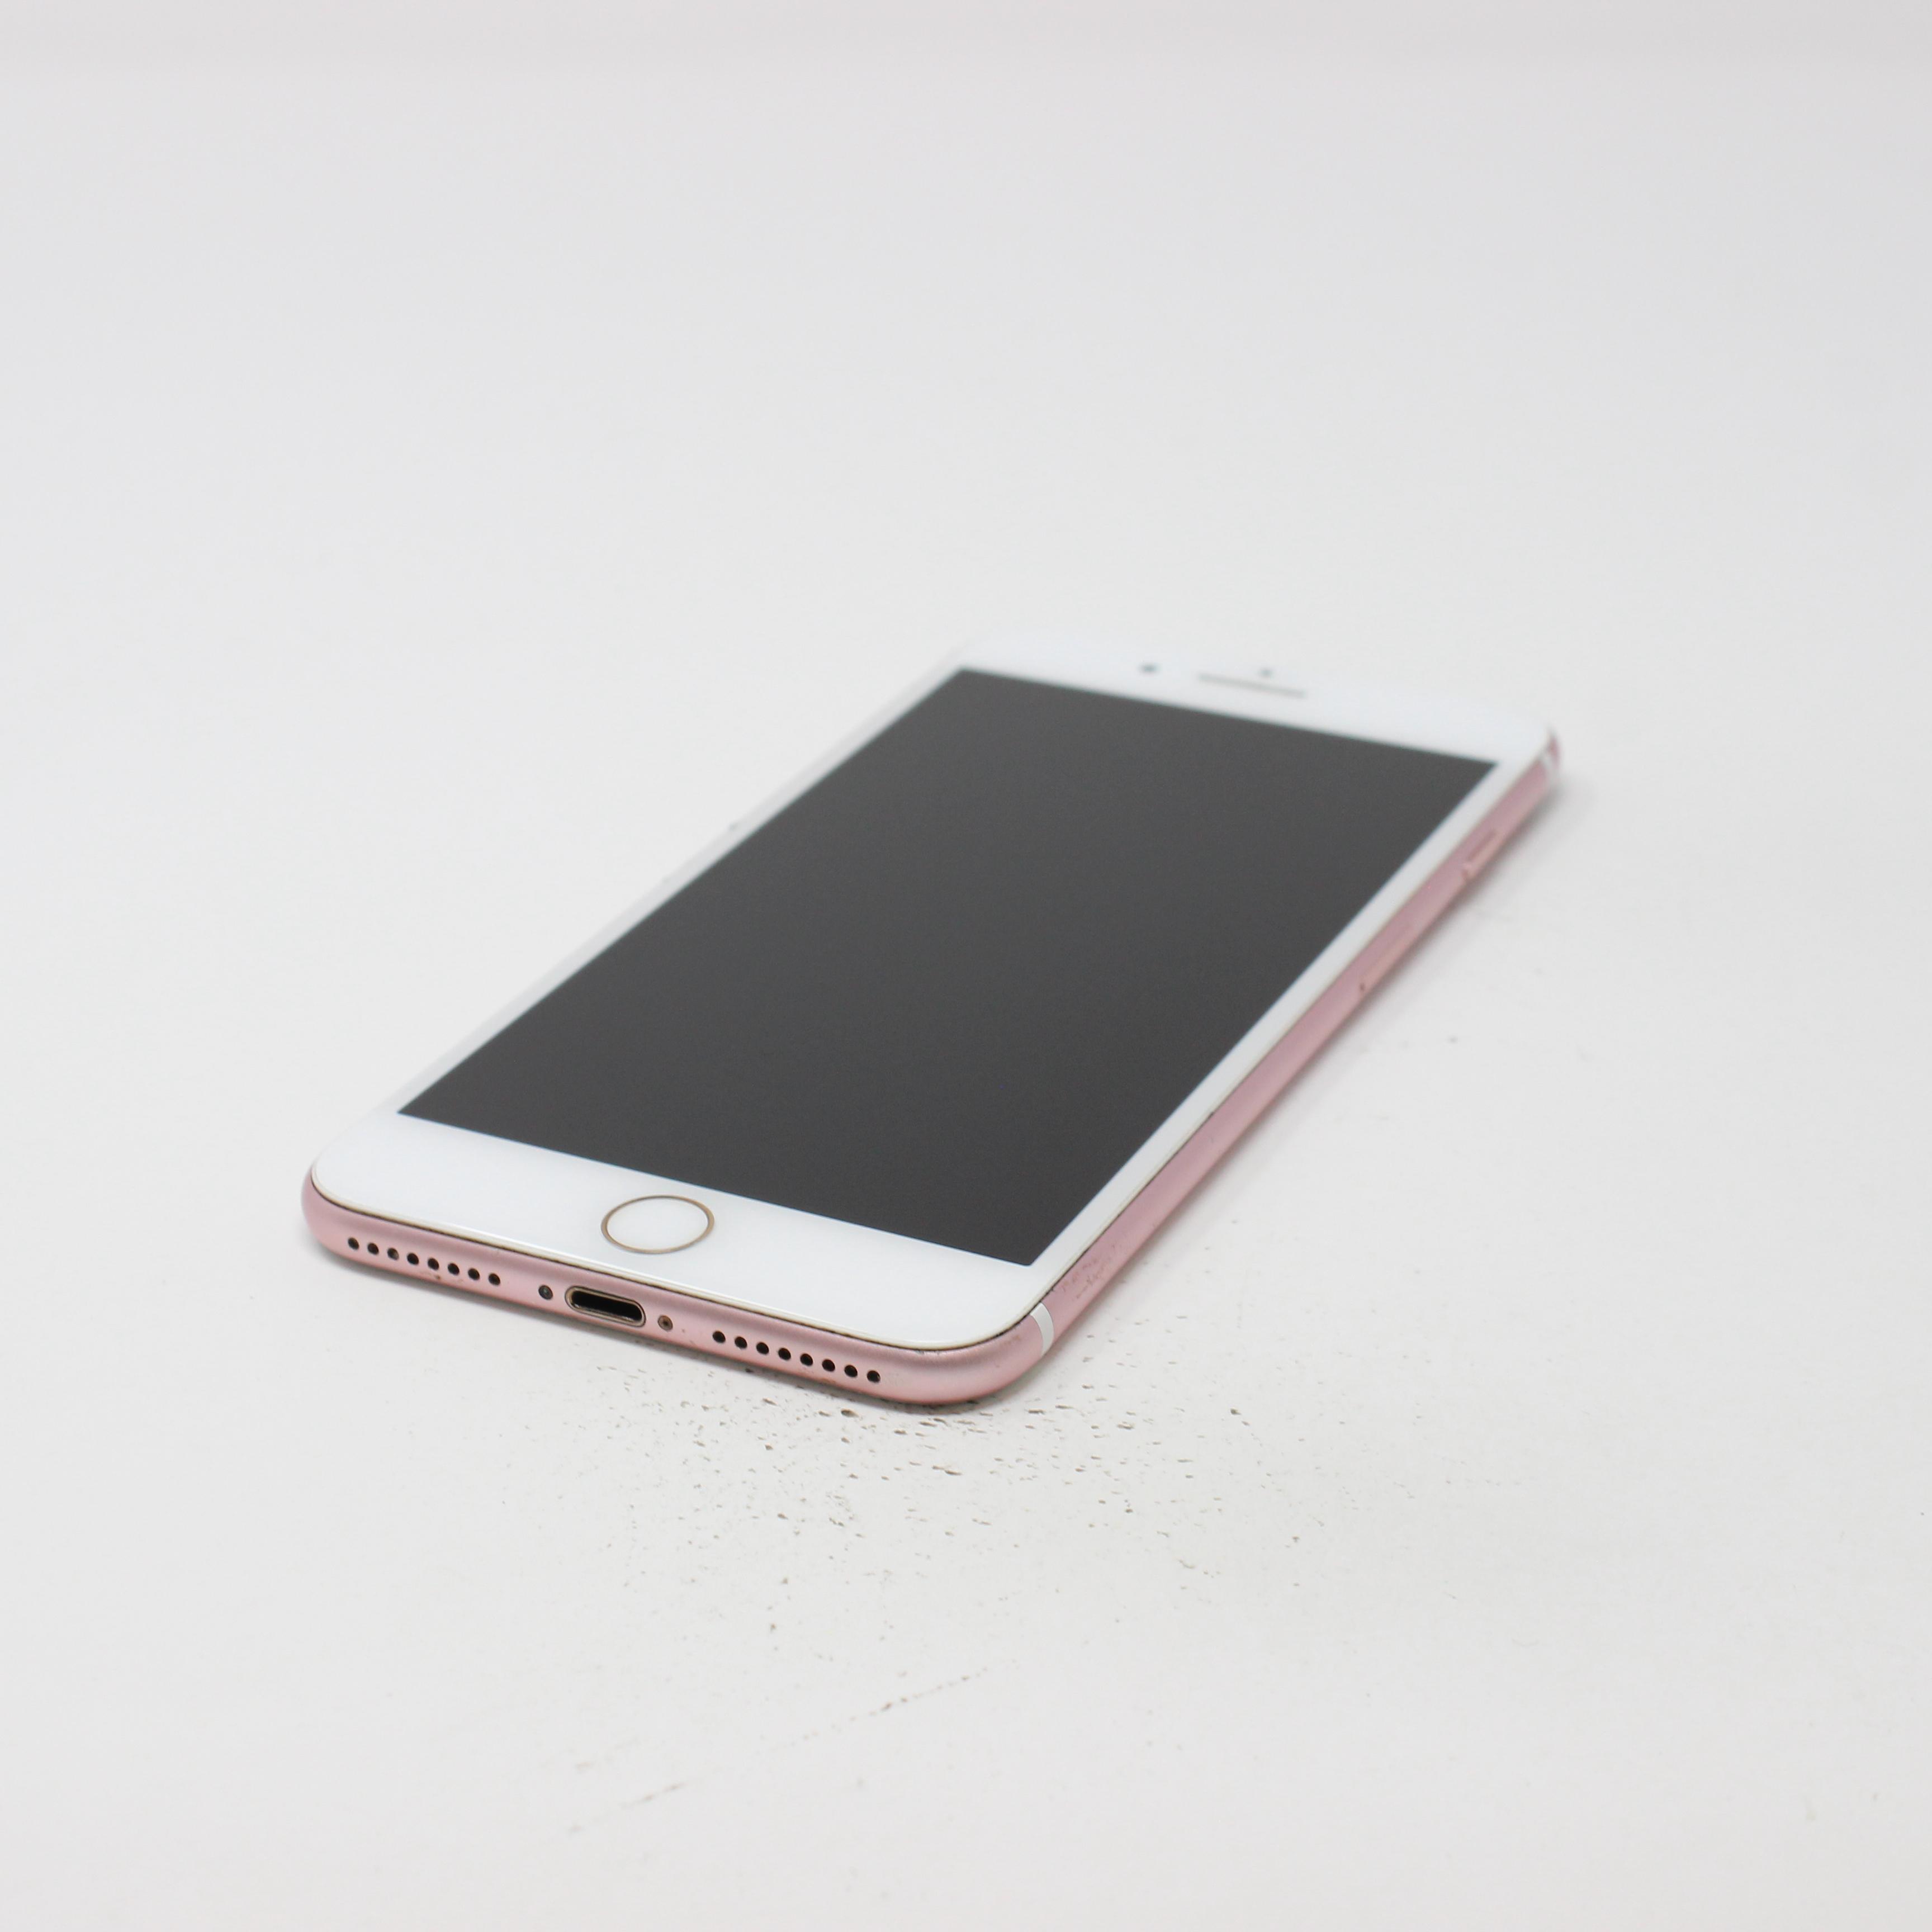 iPhone 7 Plus 32GB Rose Gold - Verizon photo 6 | UpTradeit.com